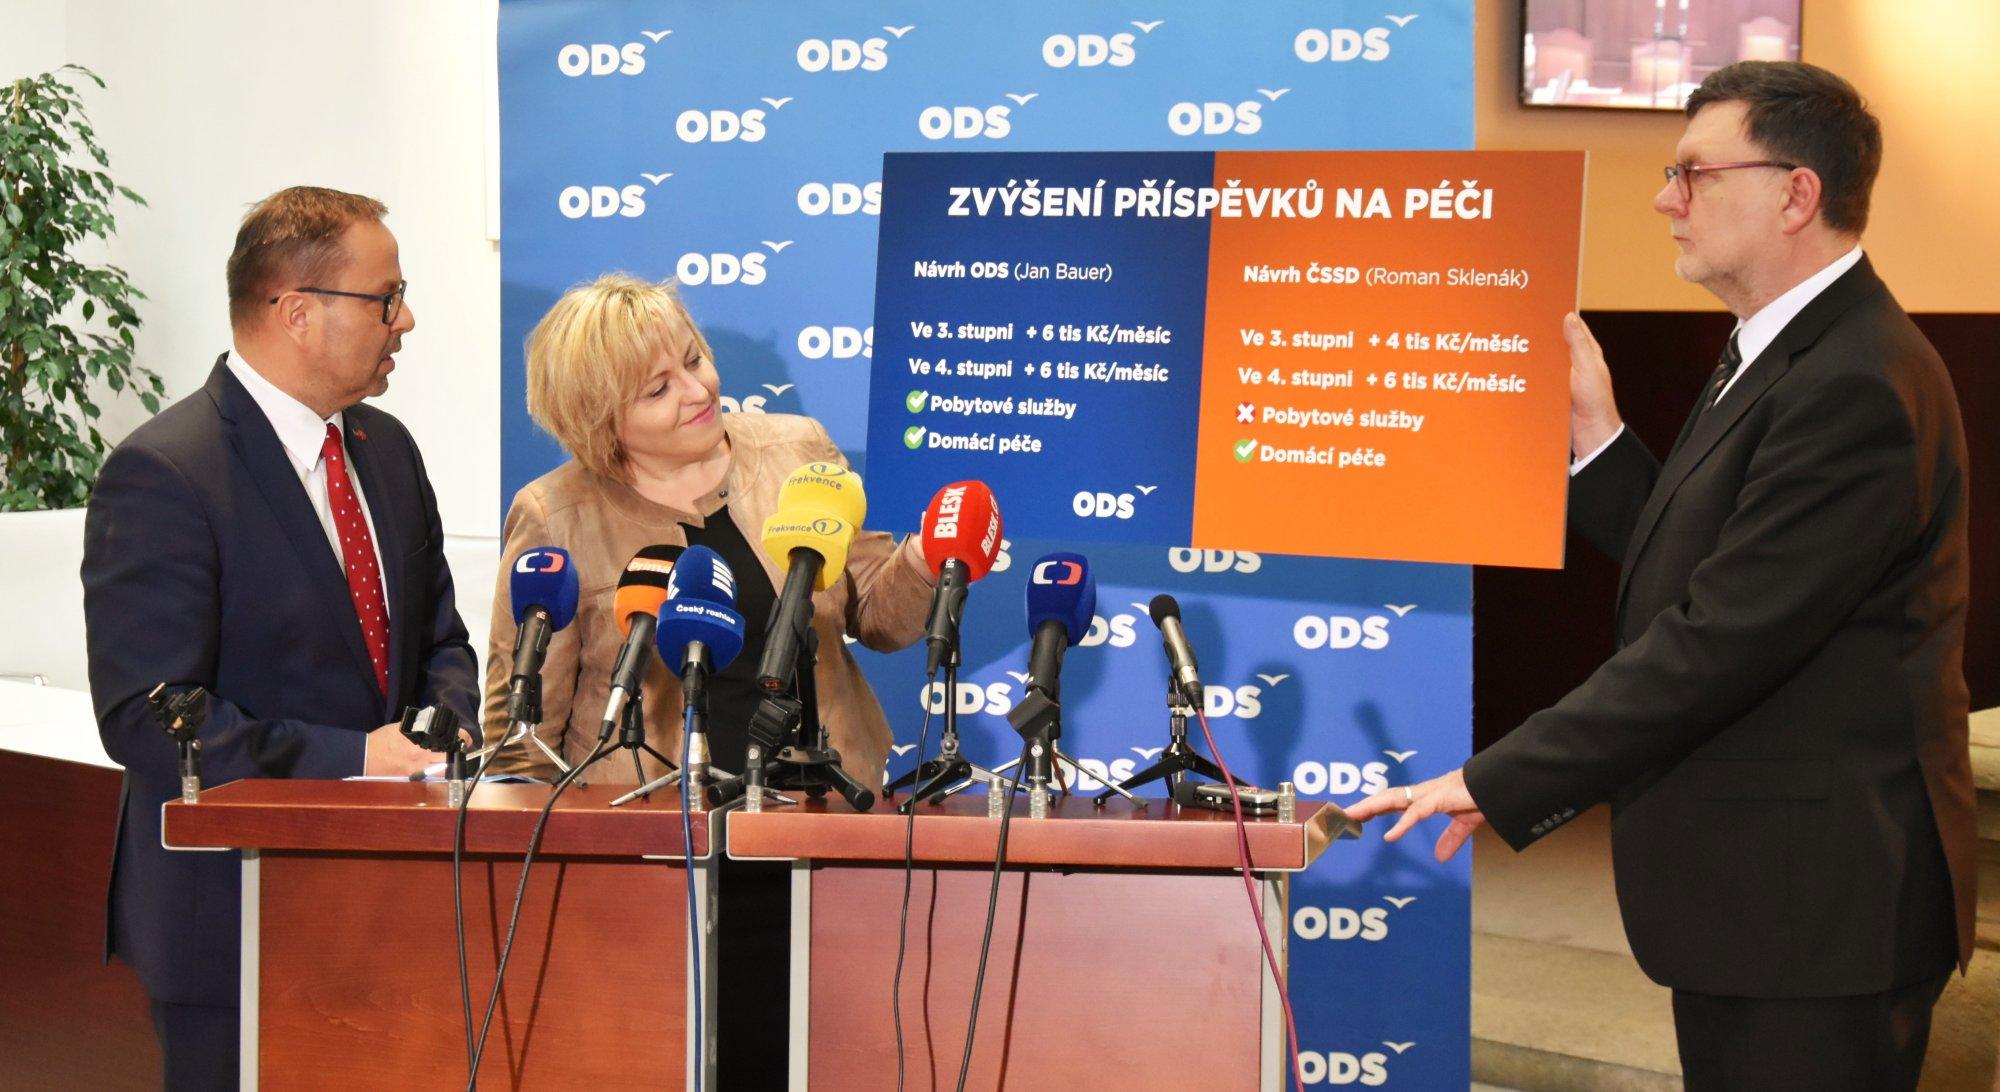 ODS: Navrhujeme zvýšení příspěvku na péči o 6 tis. Kč pro osoby ve 3. i 4. stupni závislosti